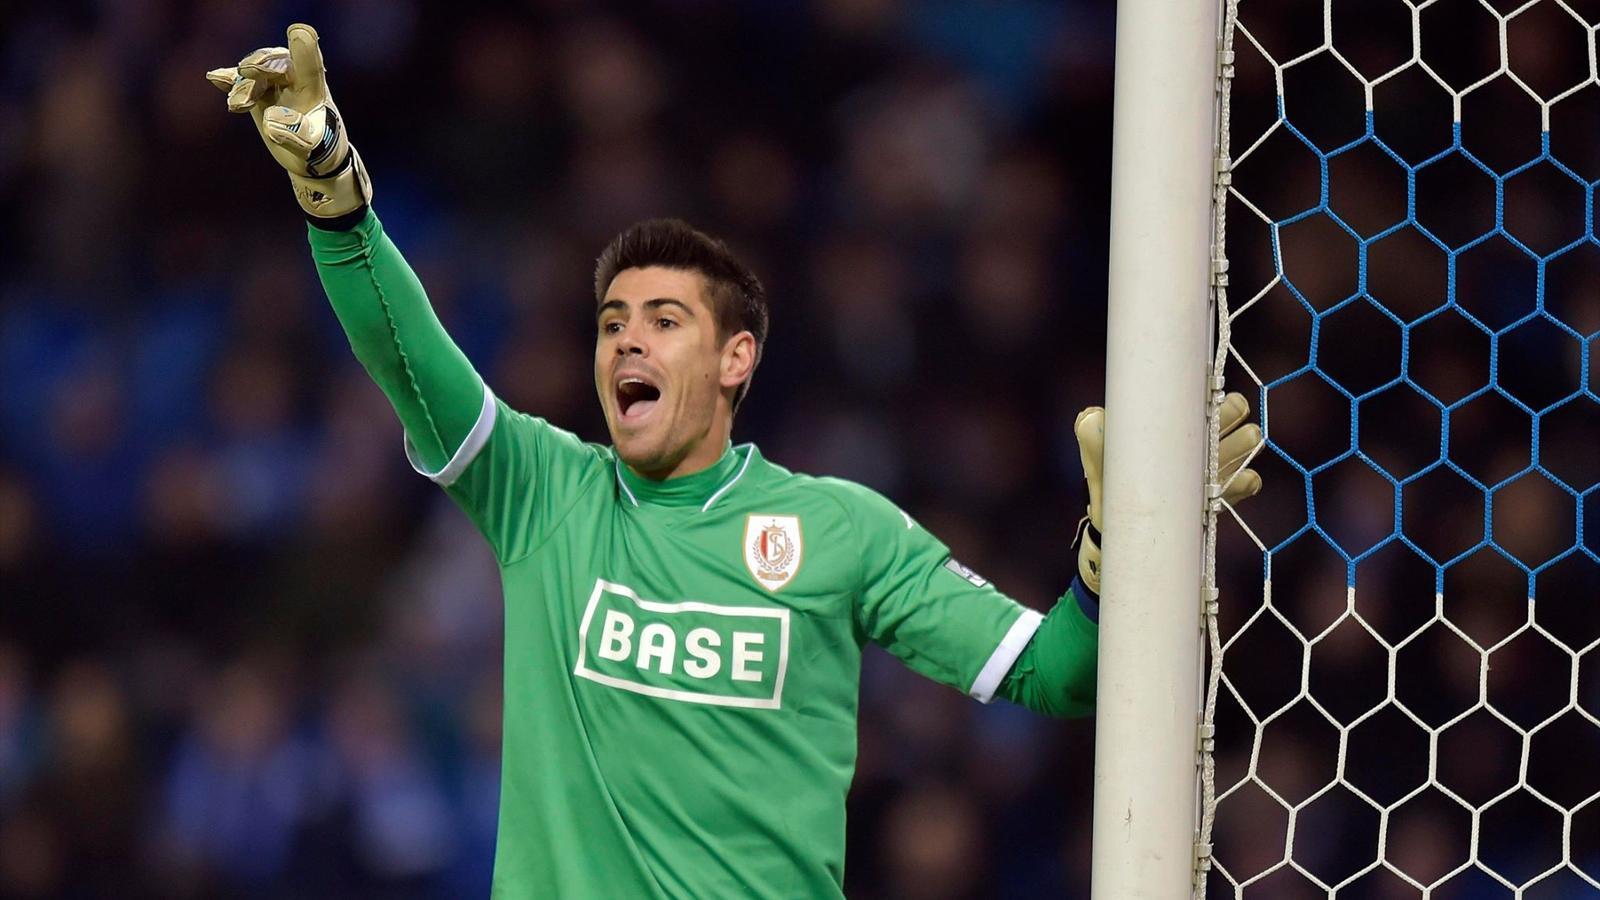 ... signe à Middlesbrough - Transferts 2015-2016 - Football - Eurosport